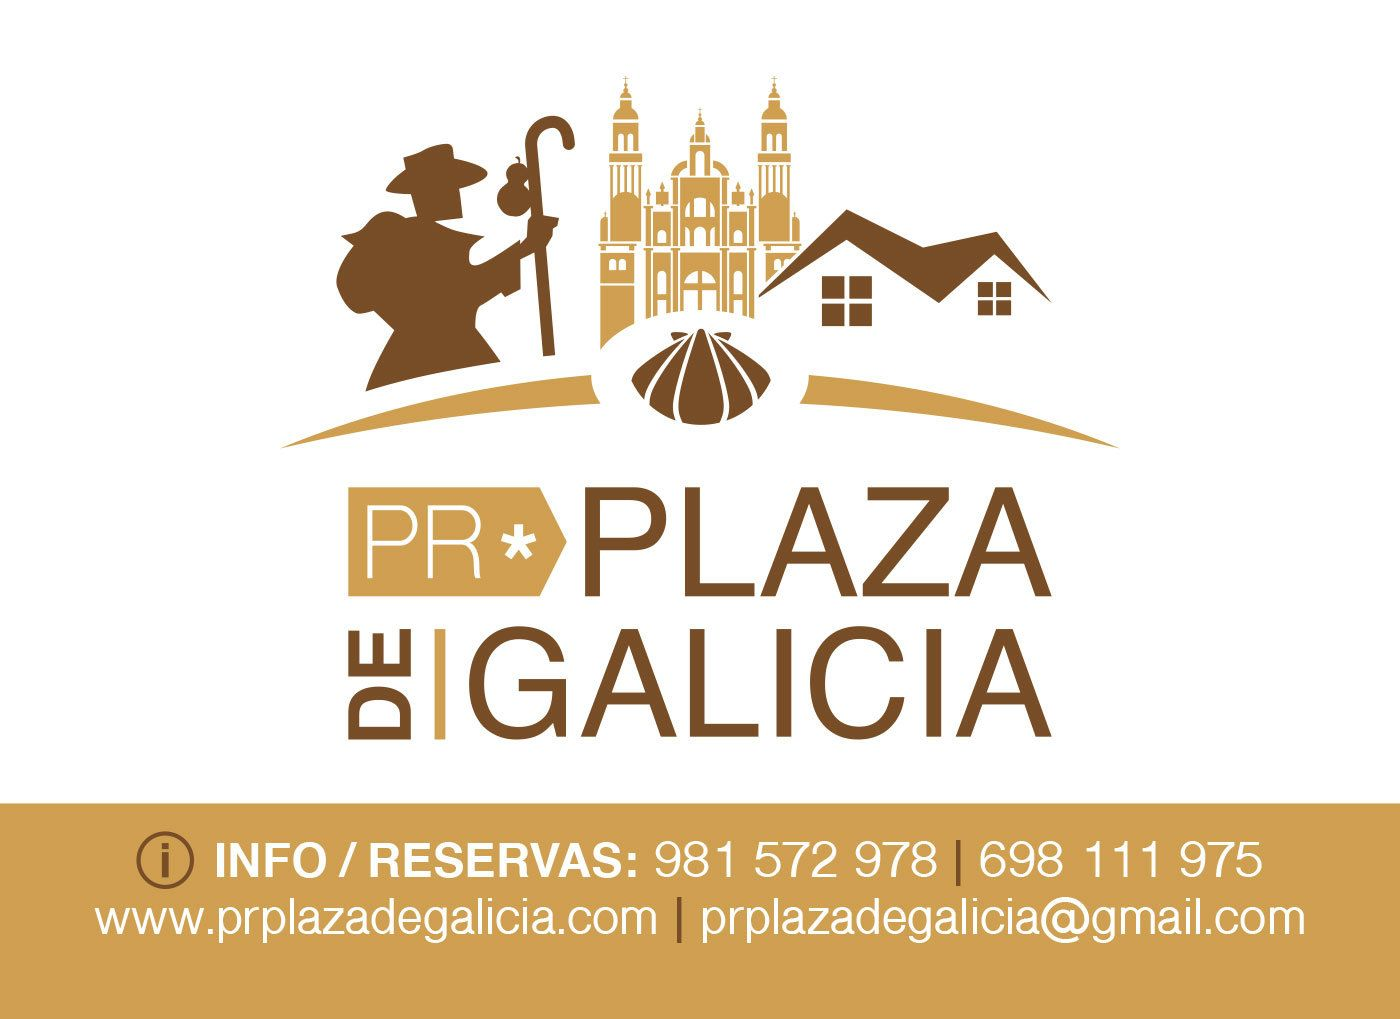 PR プラサ デ ガリシア